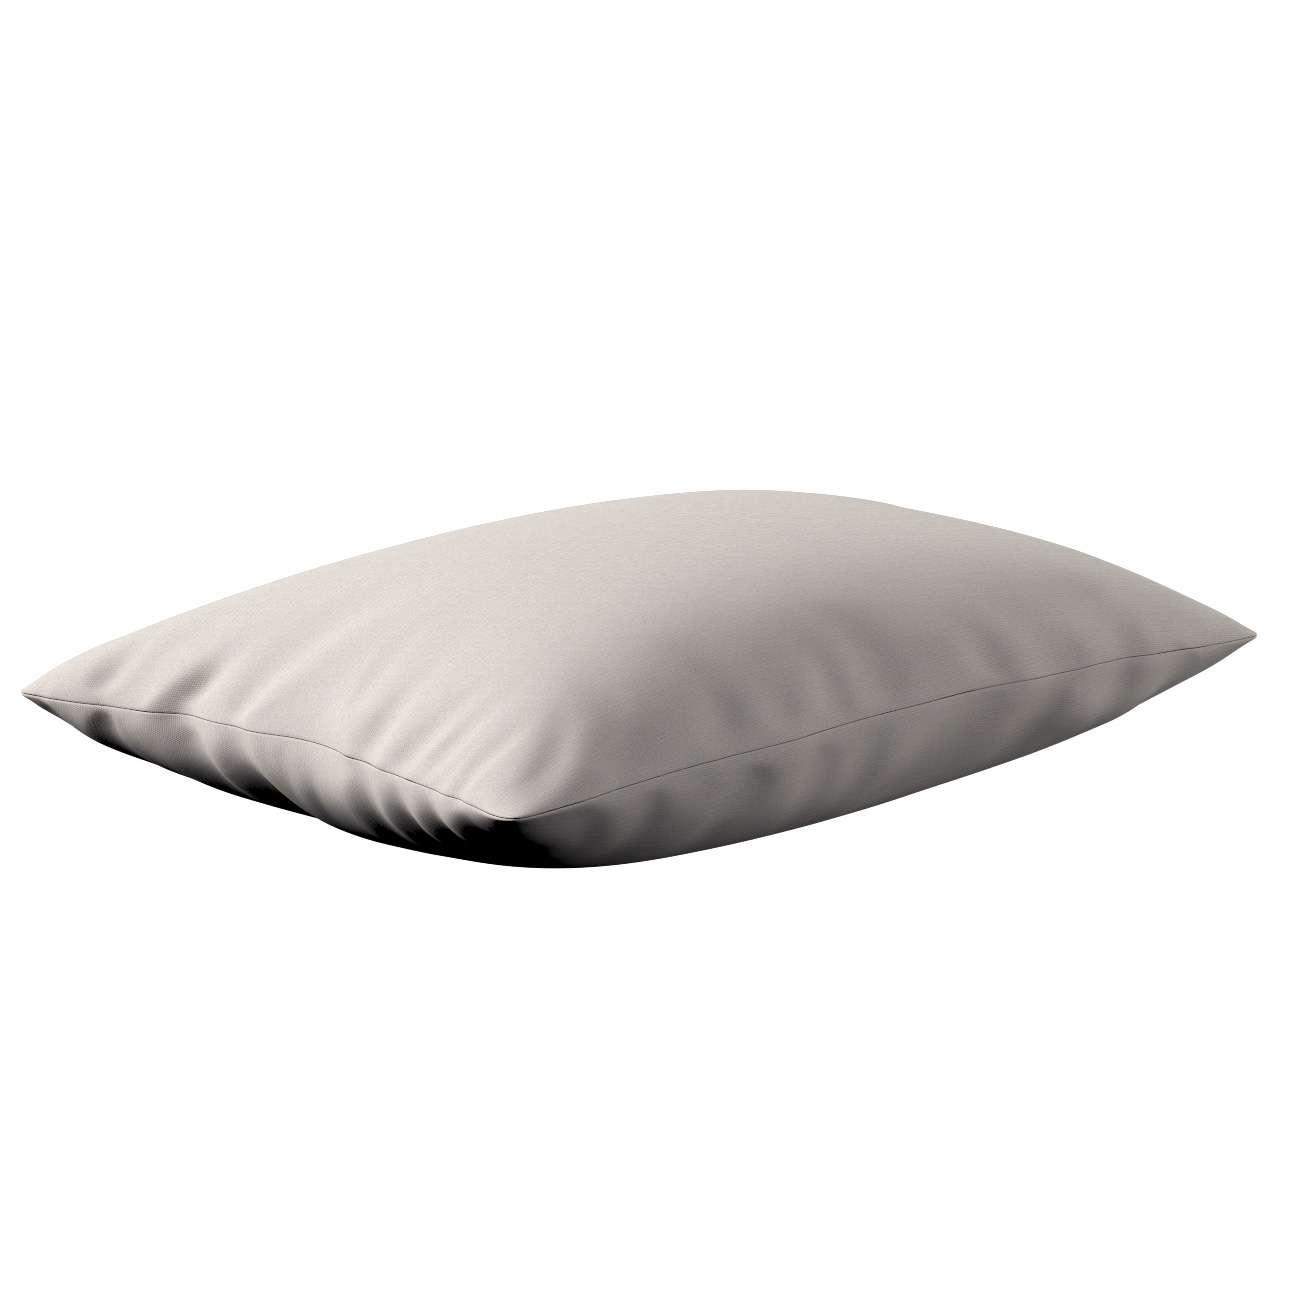 Kinga dekoratyvinės pagalvėlės užvalkalas 60x40cm 60x40cm kolekcijoje Cotton Panama, audinys: 702-31